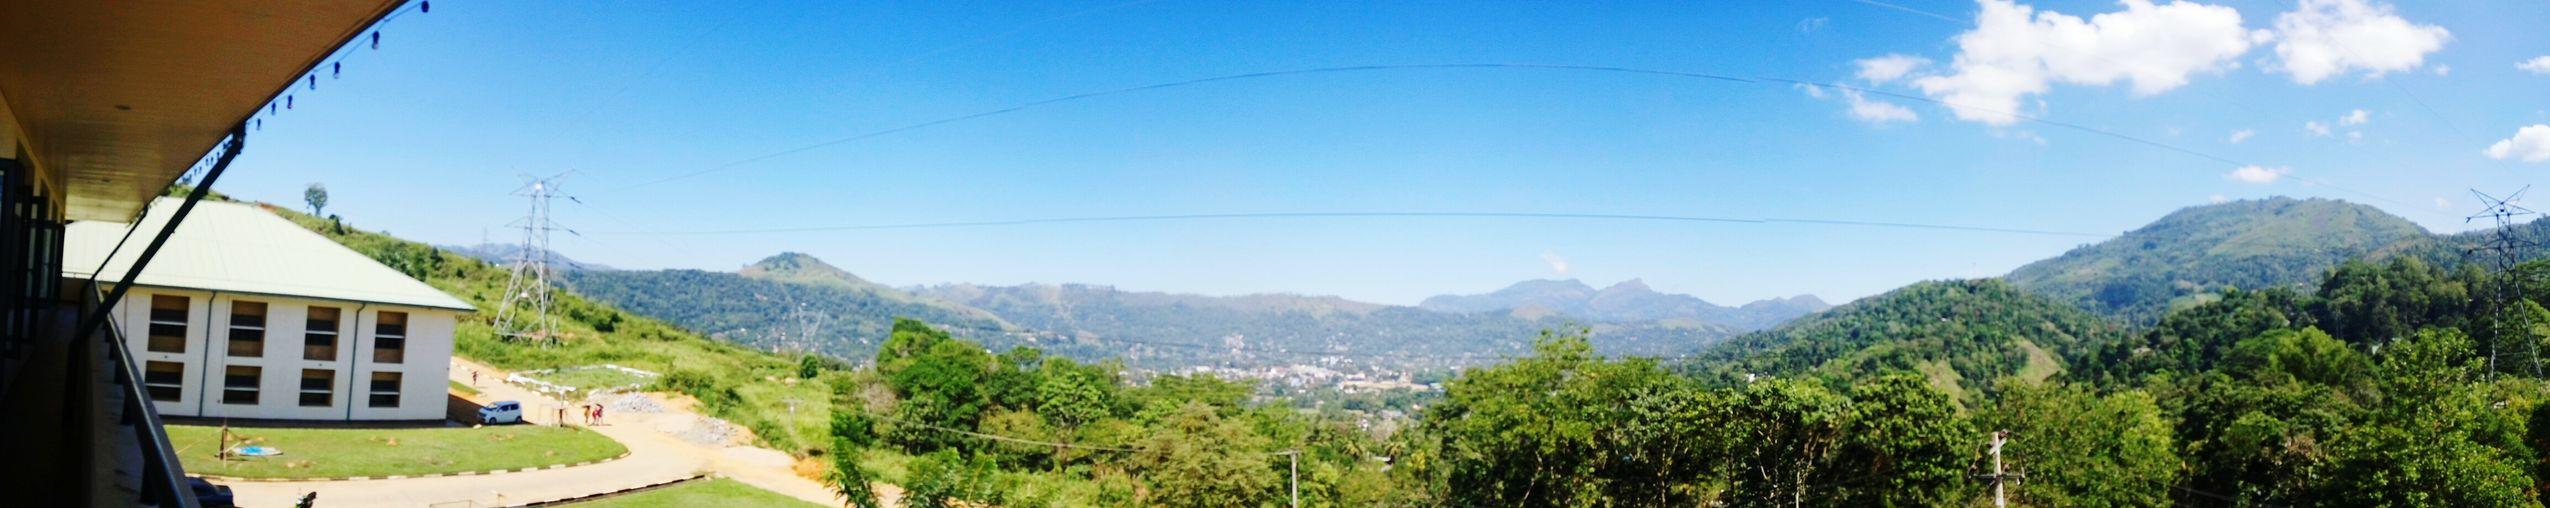 Badulla City View from Uva Wellassa University First Eyeem Photo